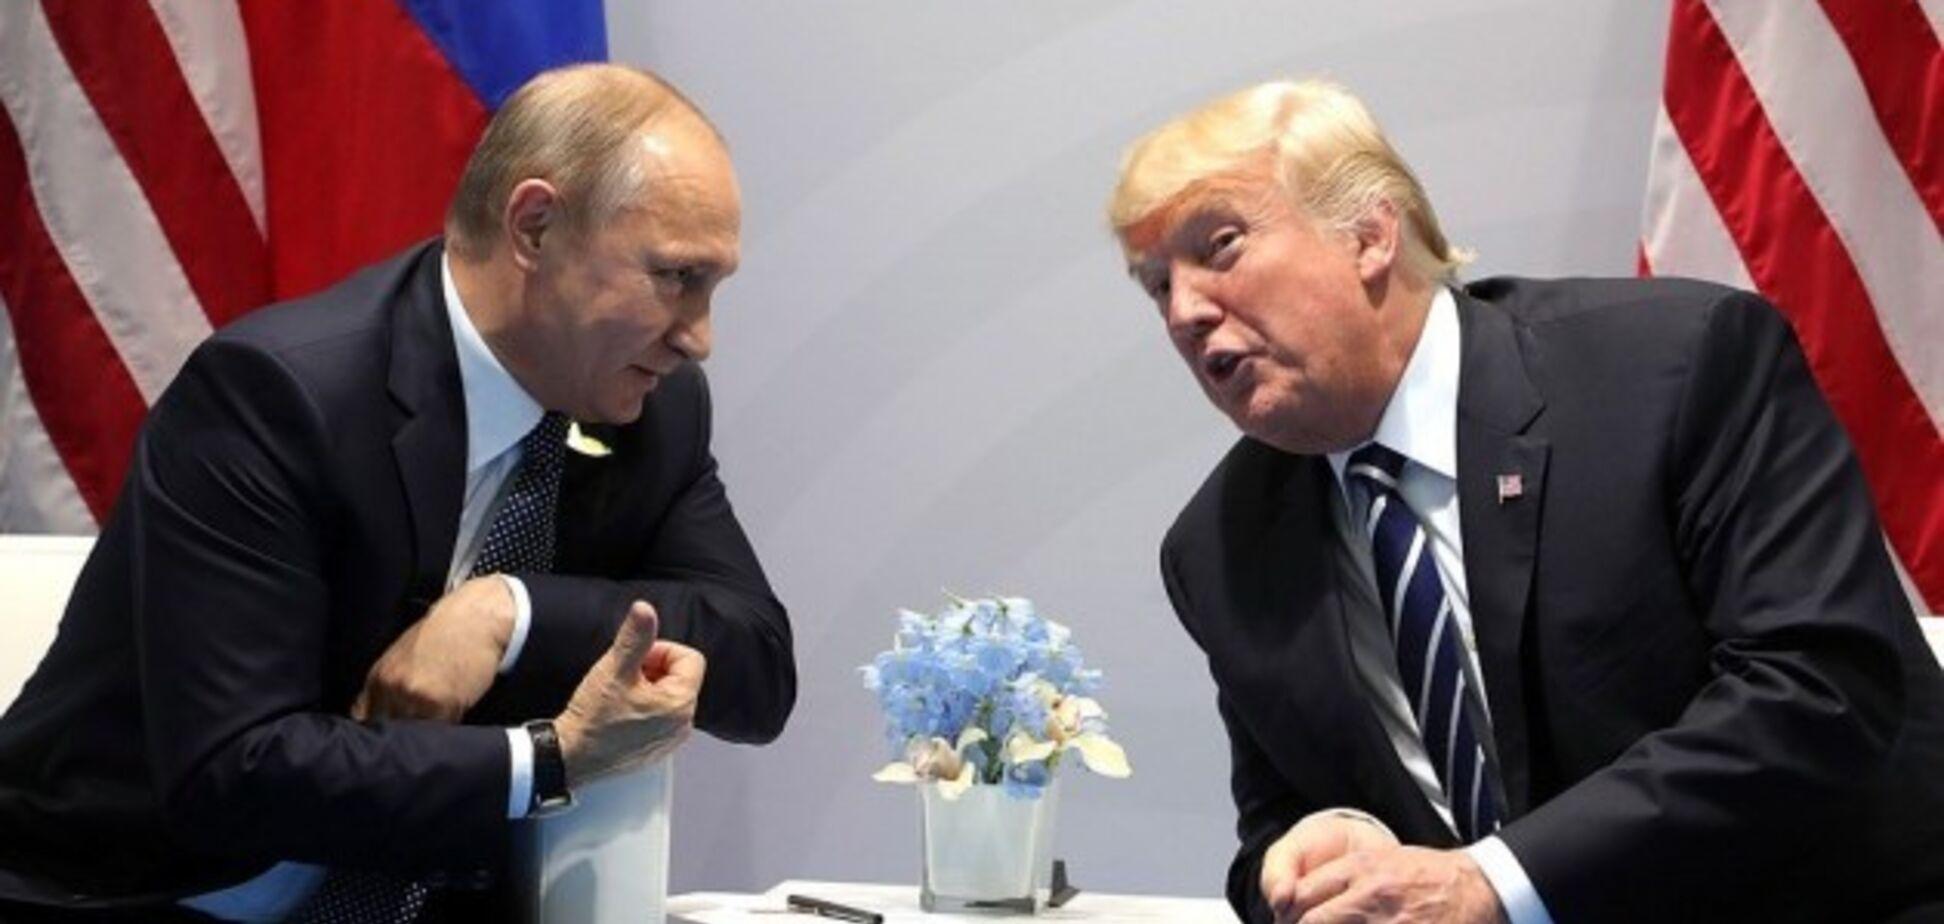 Мюллер завершил двухлетнее расследование о связях Трампа с Россией